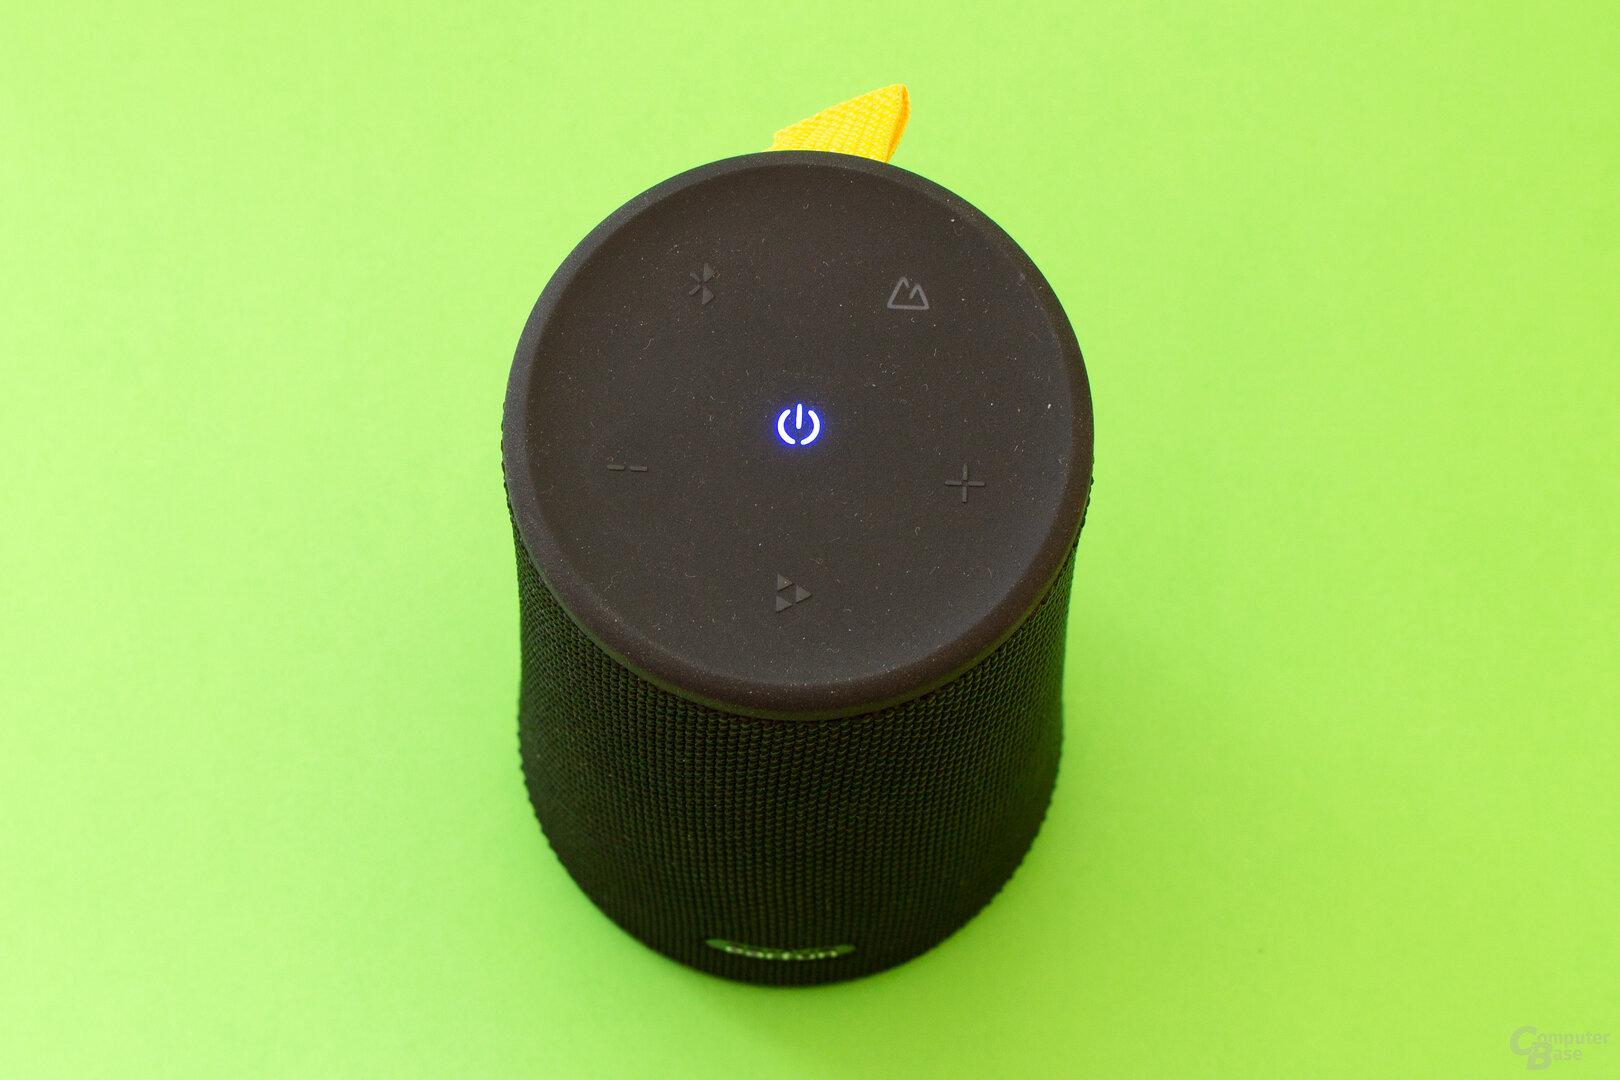 Über die gummierte Oberfläche lässt sich der Lautsprecher gut bedienen